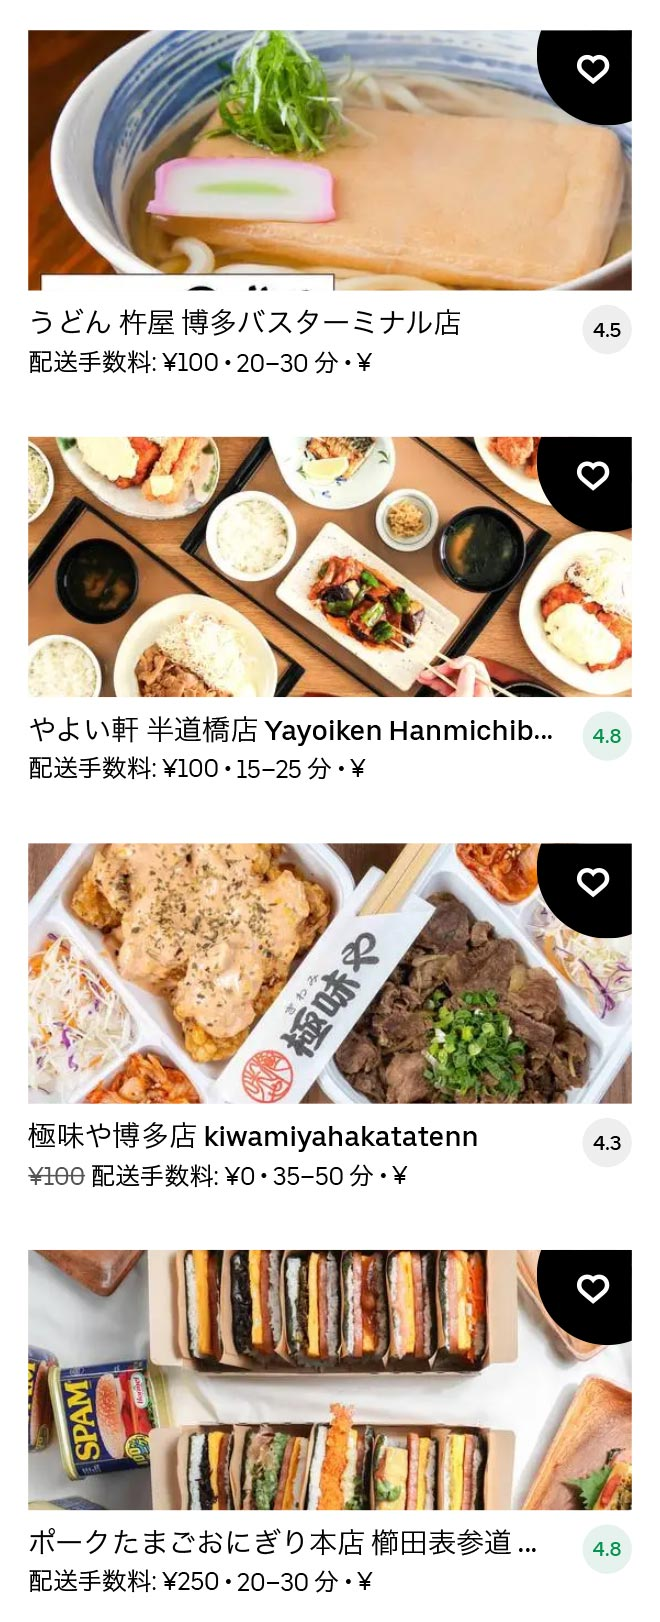 Higashi hie menu 2101 09